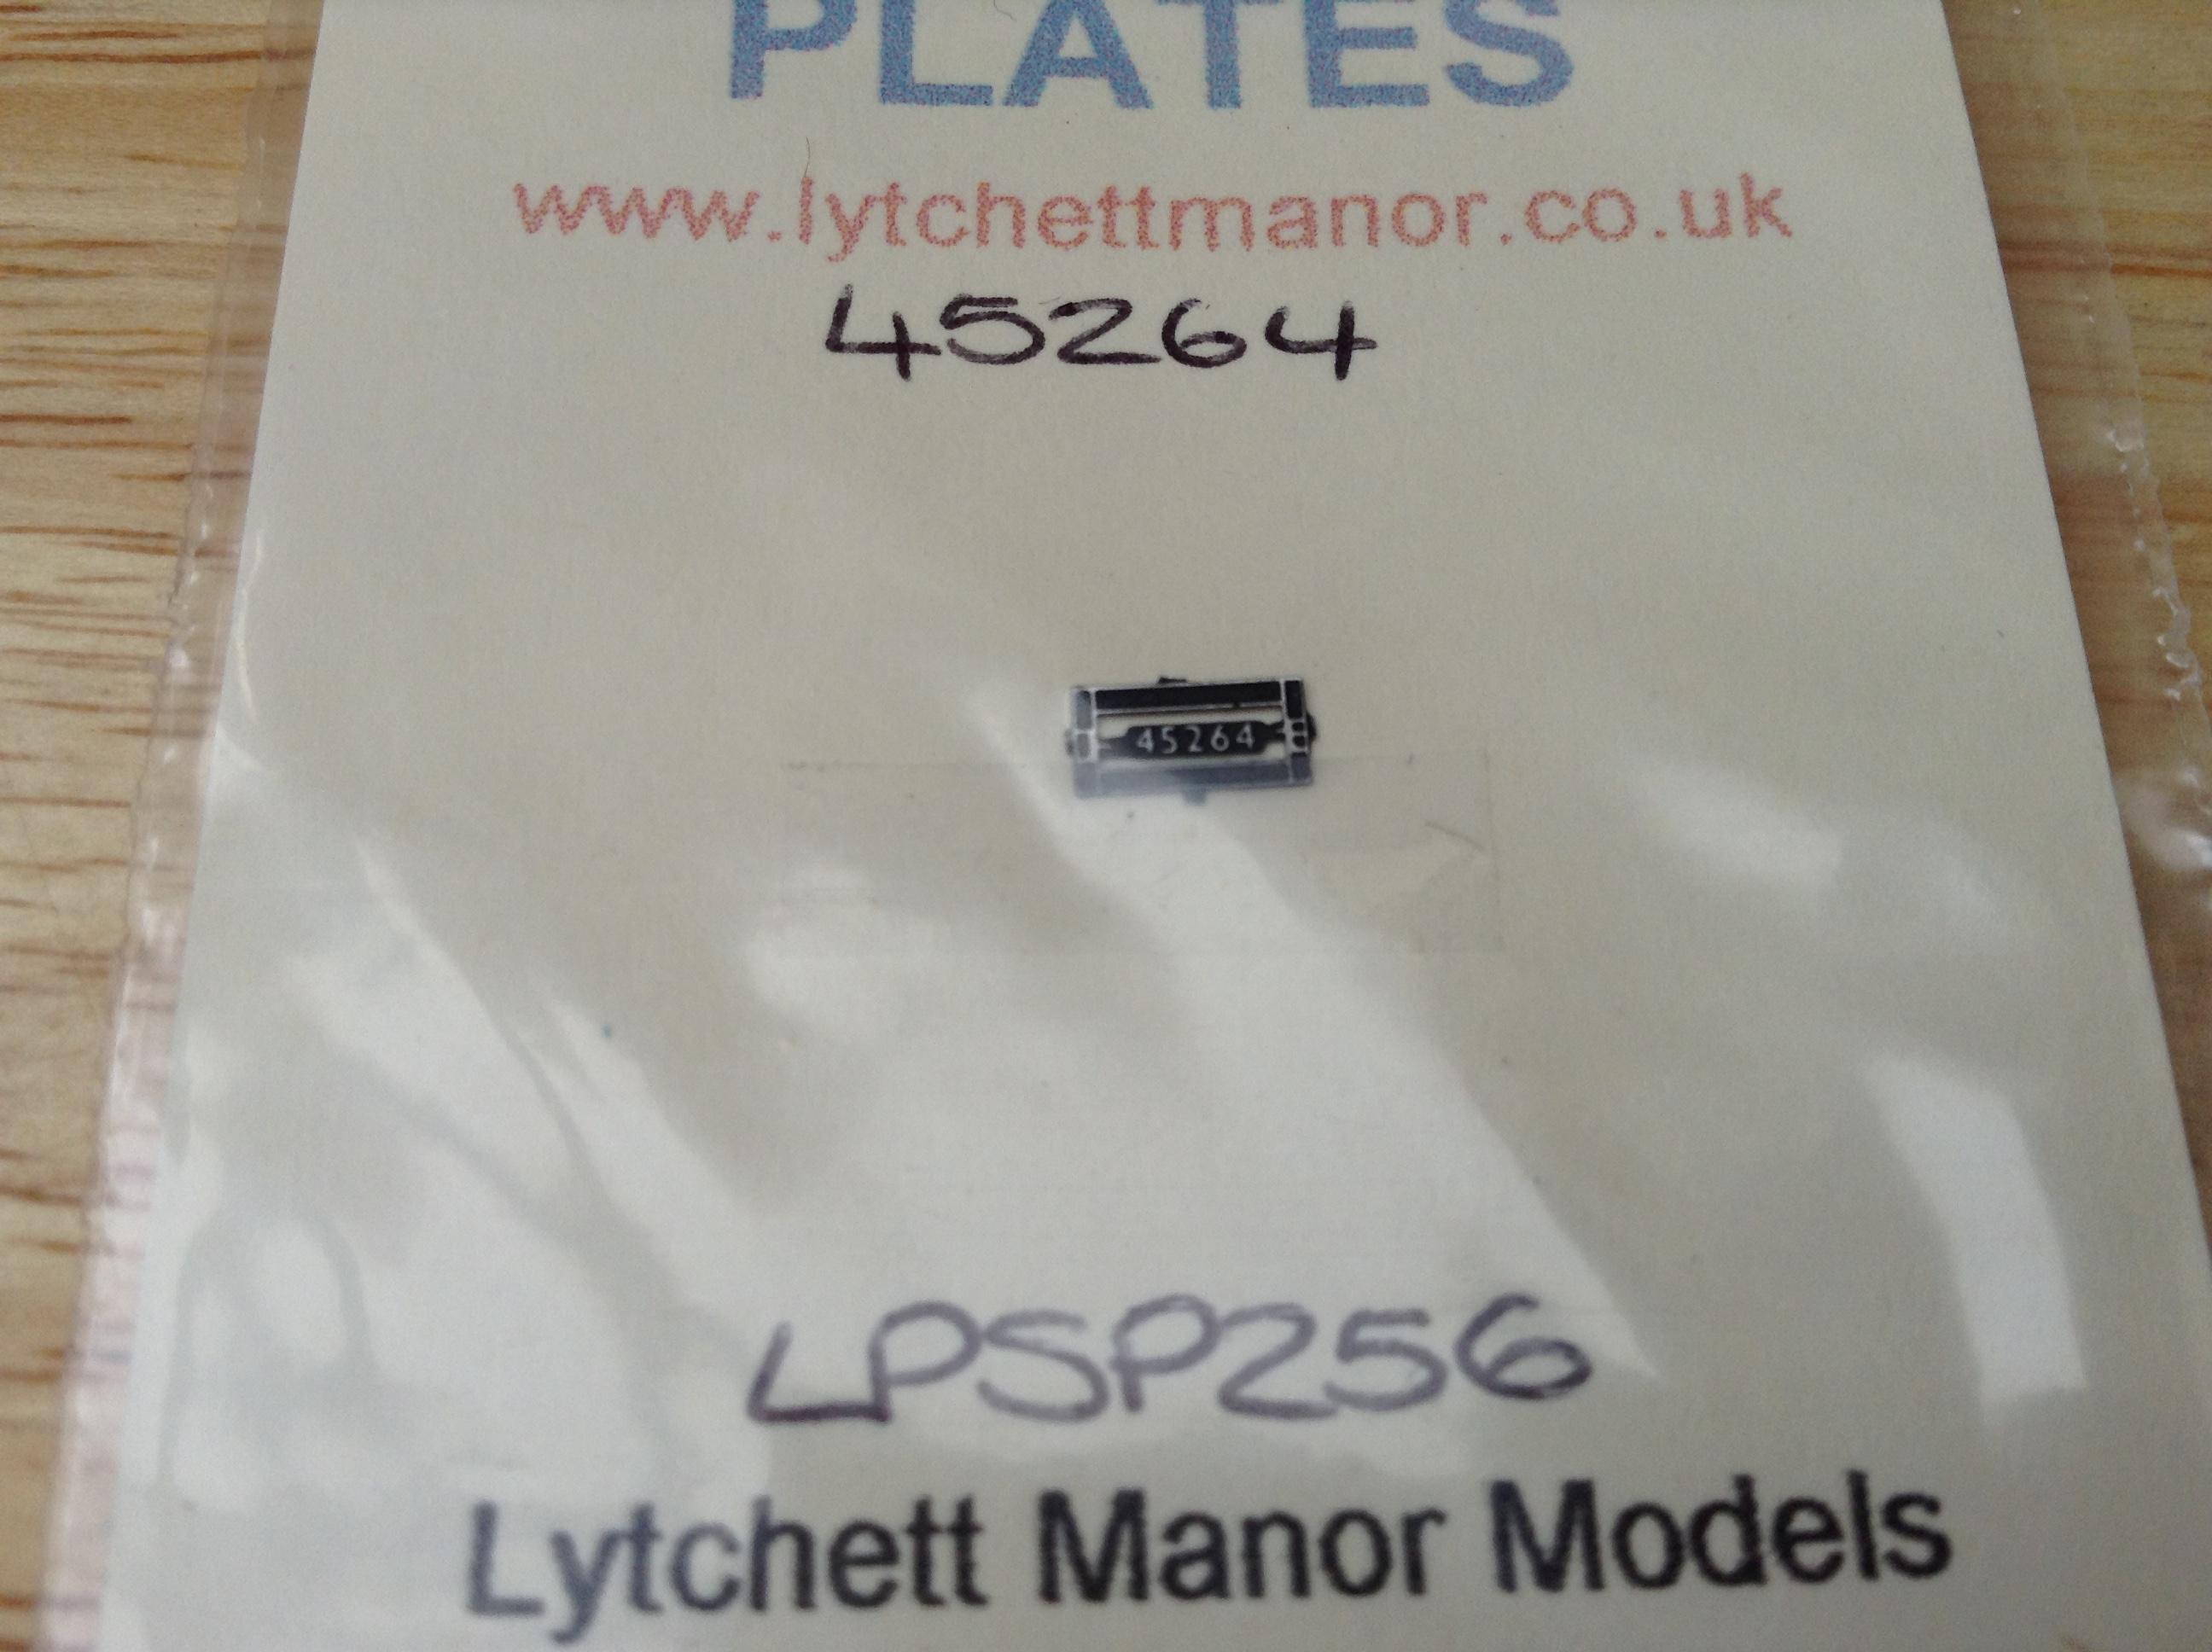 LPSP256 - 45264